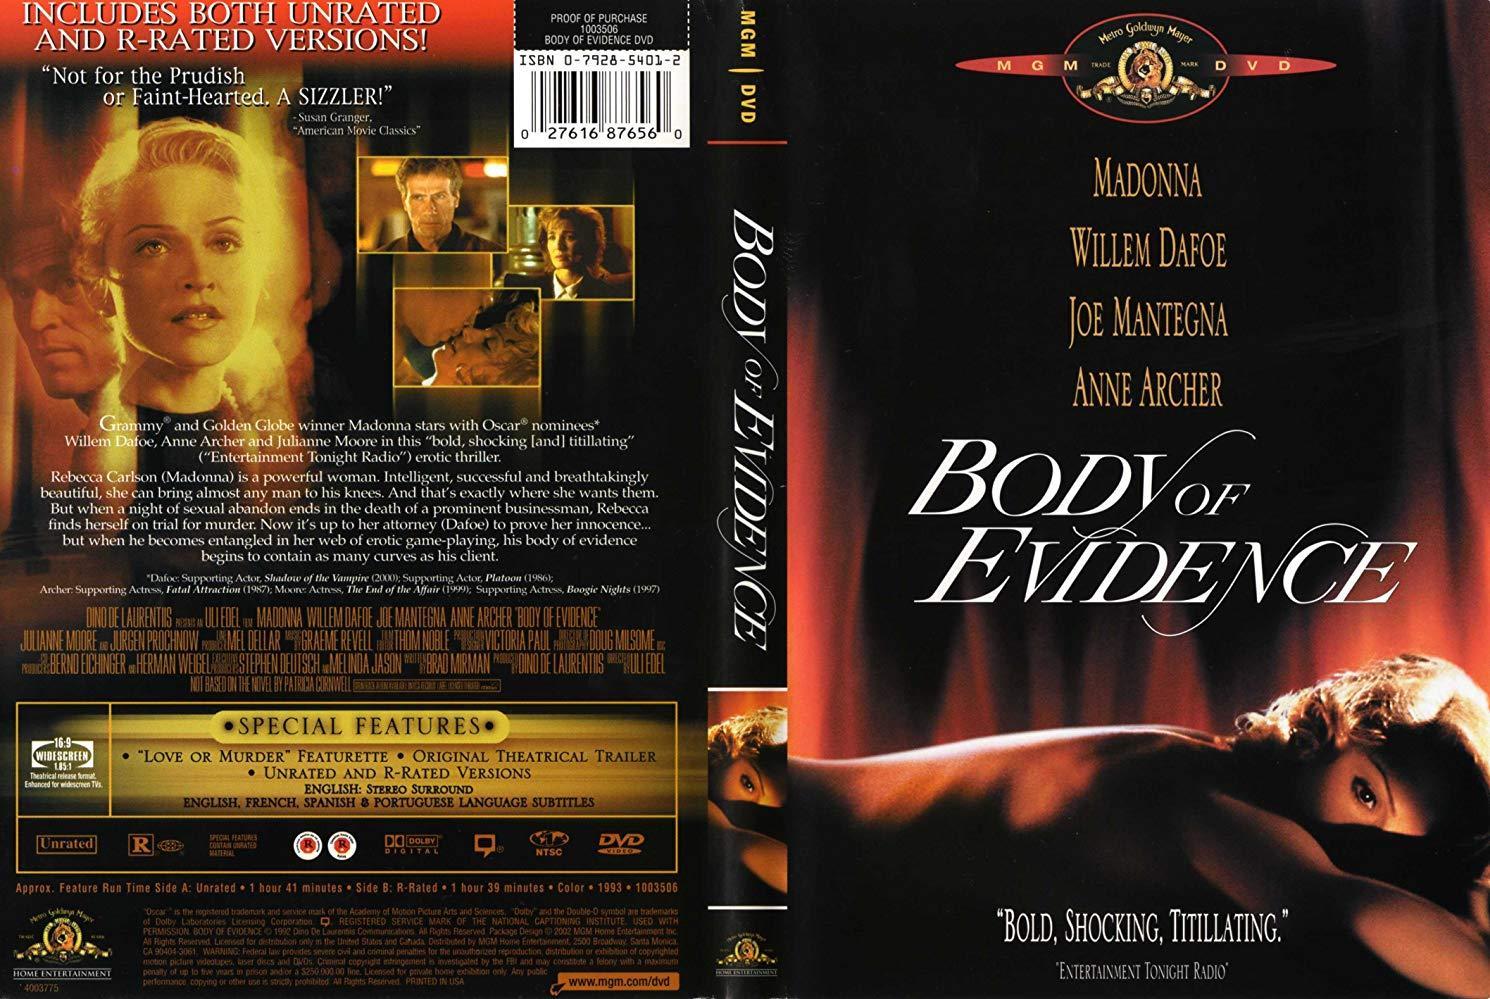 مشاهدة فيلم Body Of Evidence 1993 HD مترجم كامل اون لاين